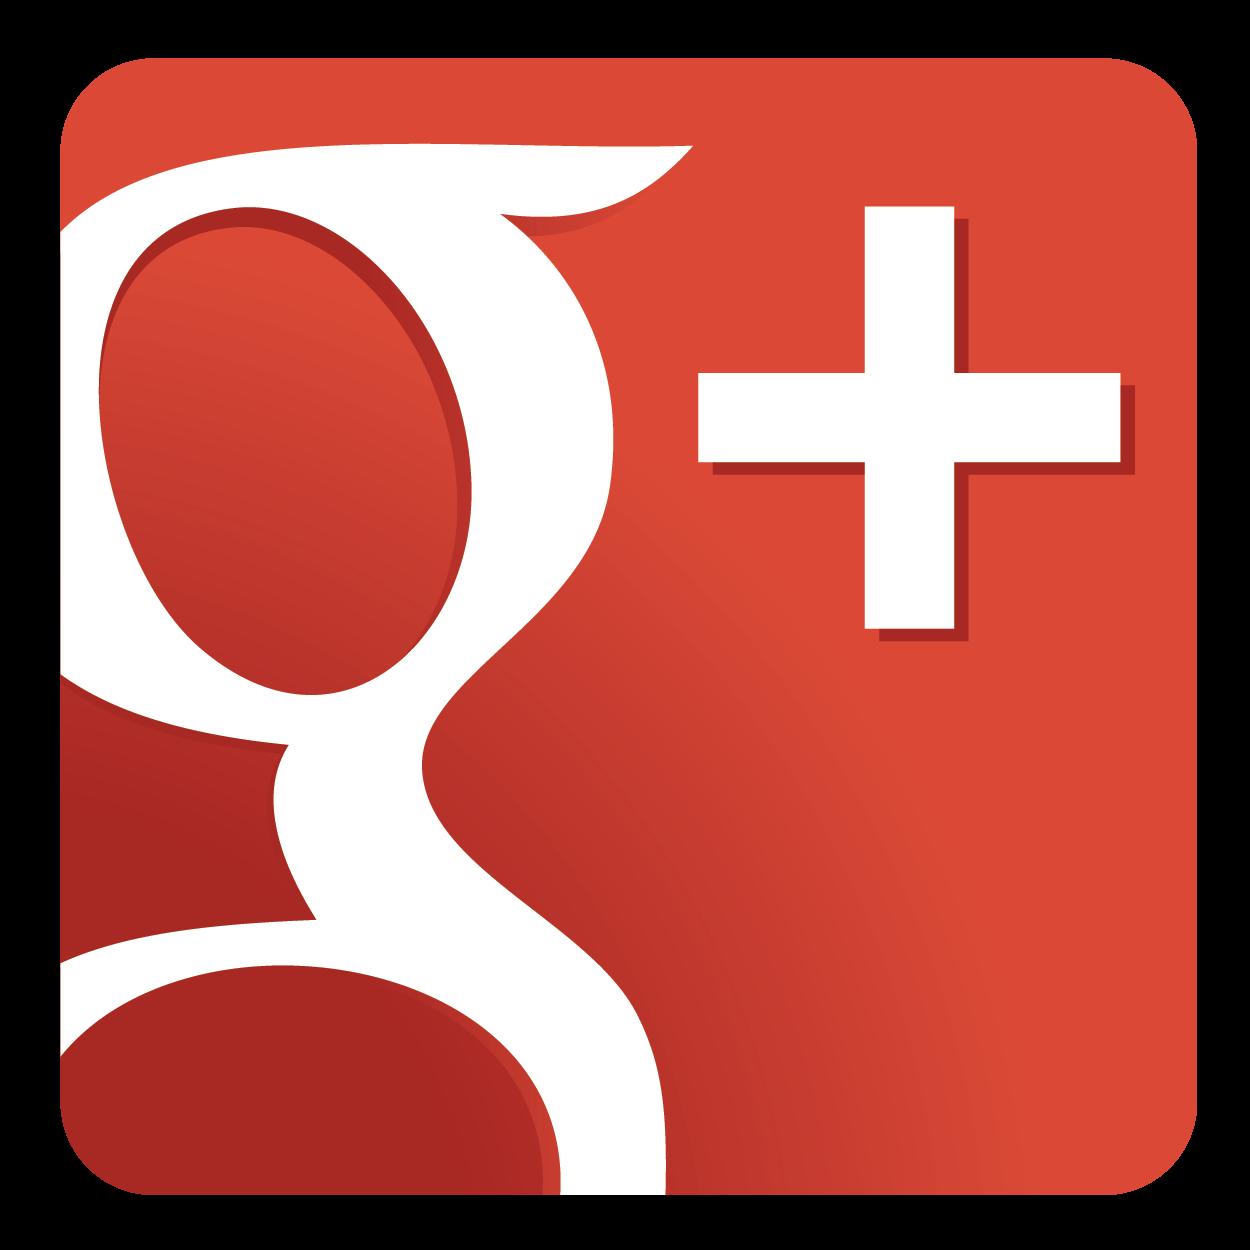 Google+で2019年1月例会「ら・ら・ら」 - 香川市民劇場を共有